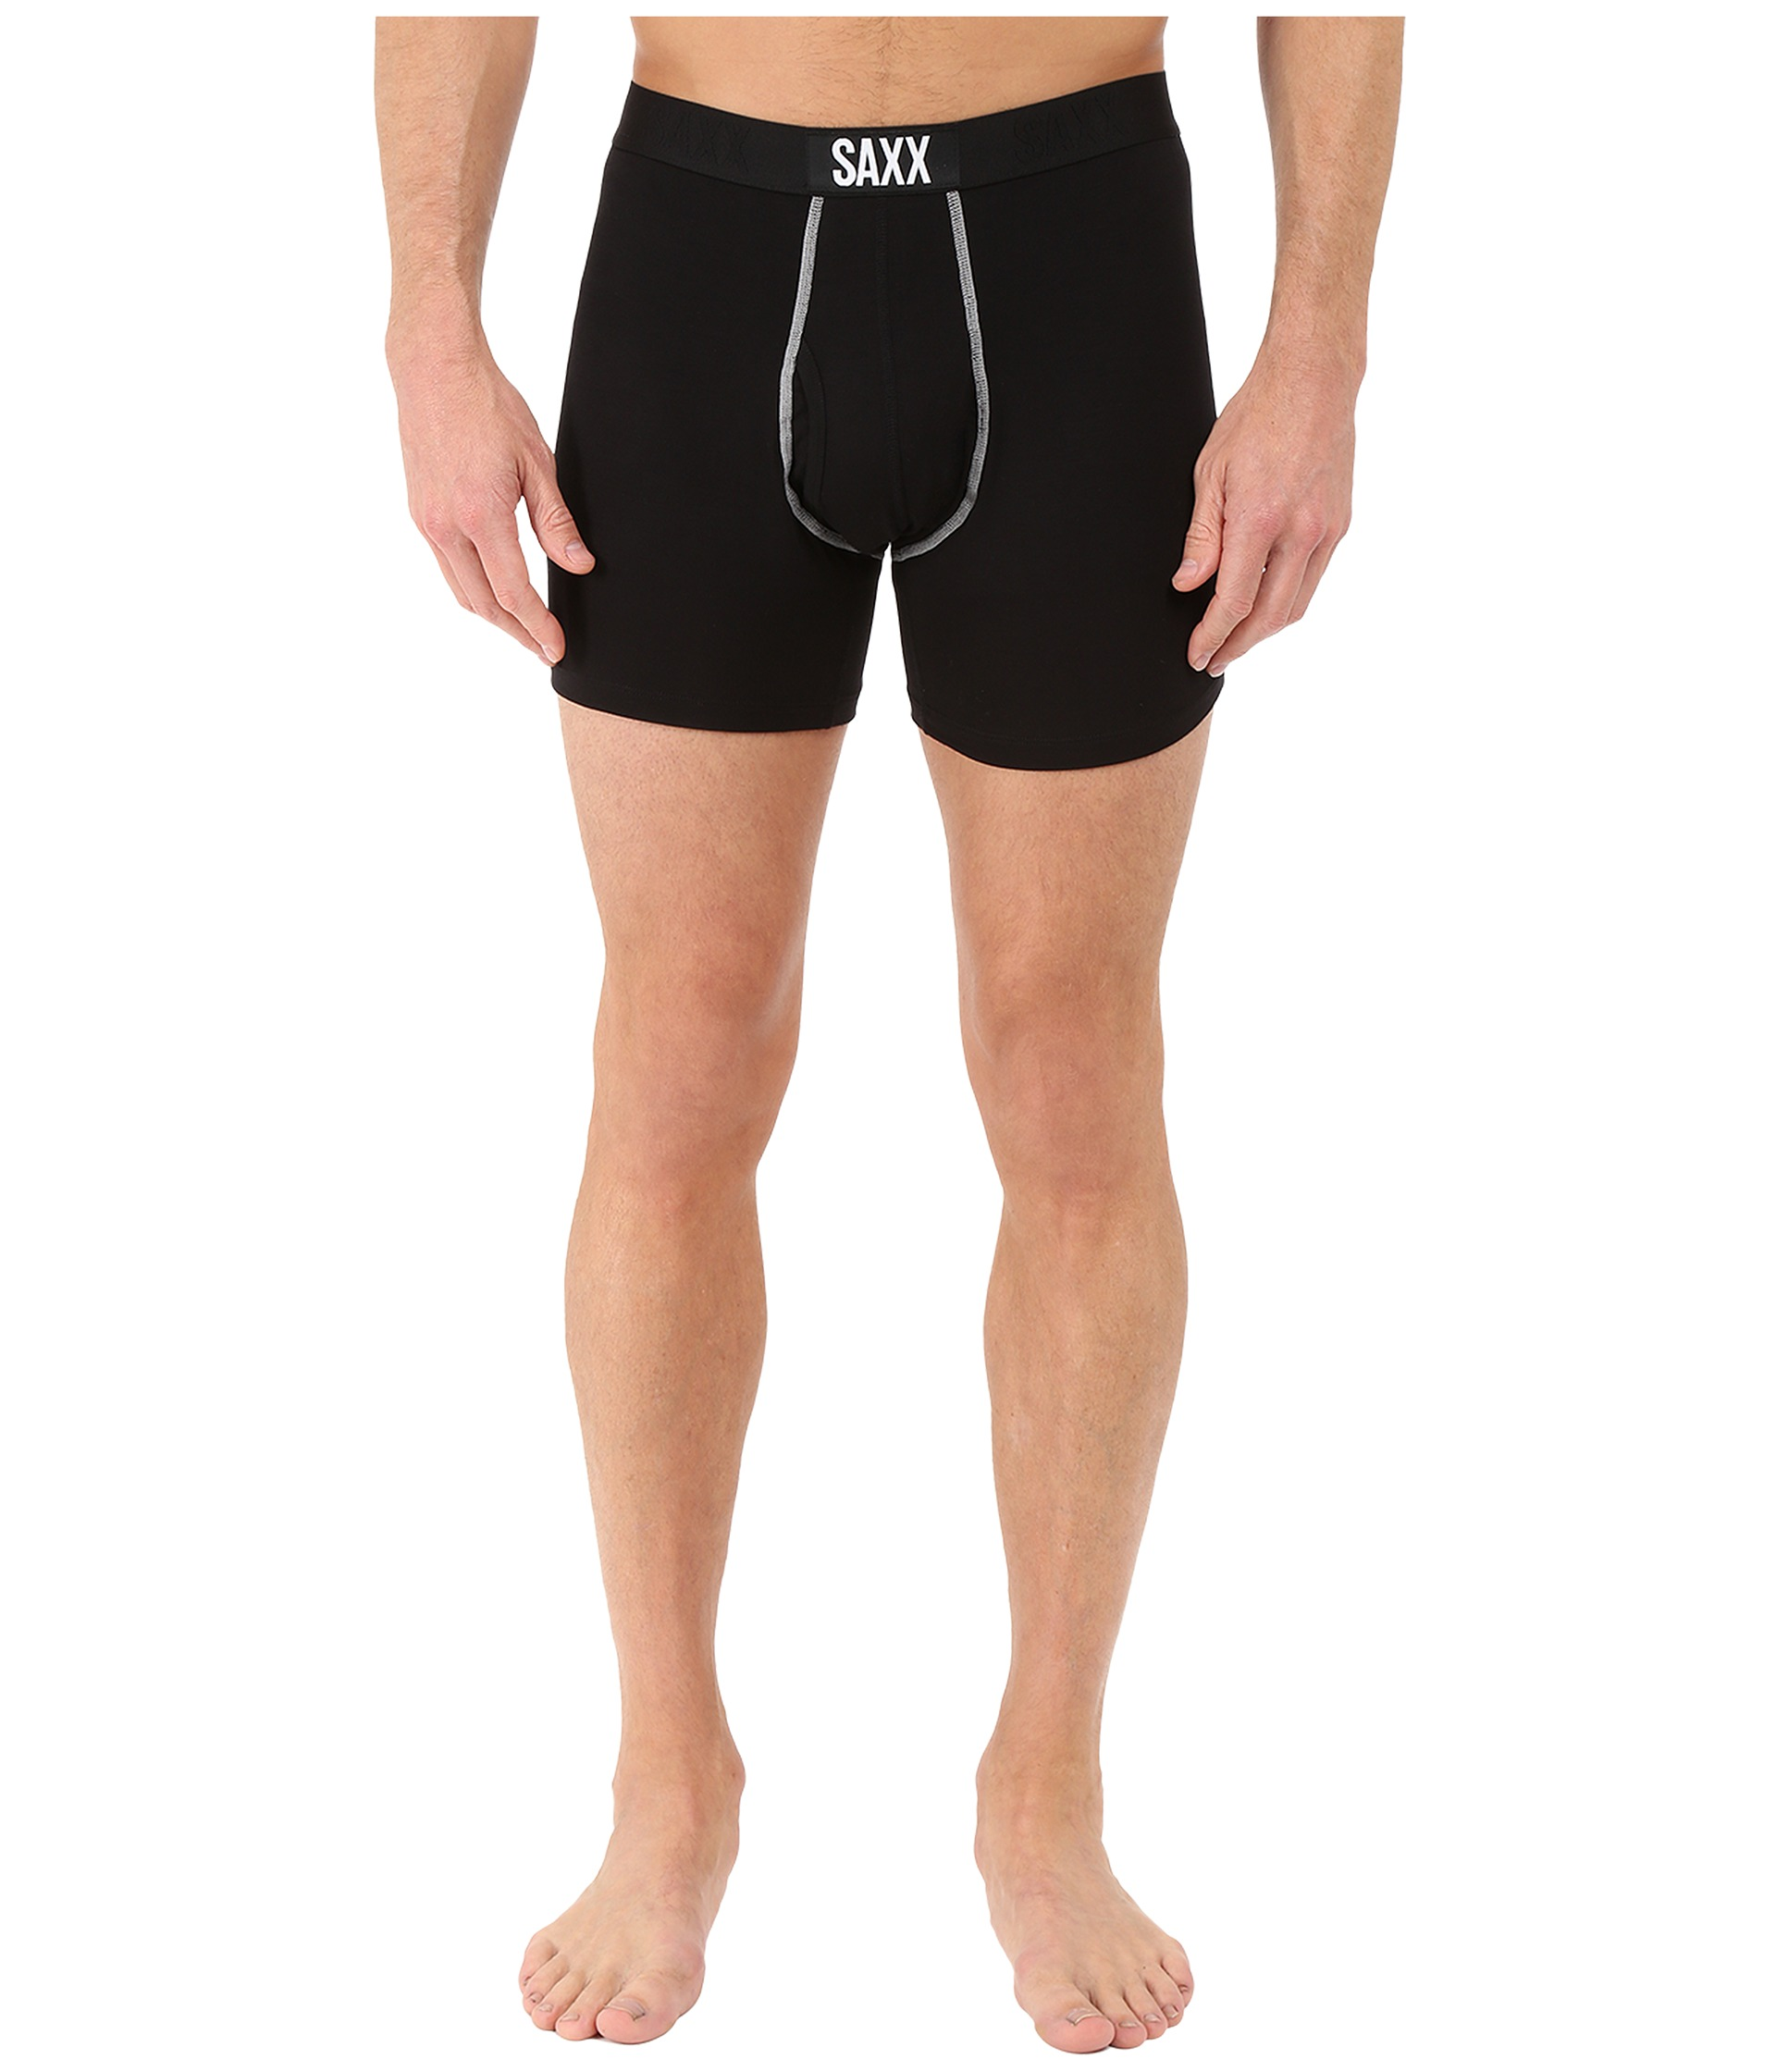 Swagbucks Underwear Codes Today Saxx For W9EHeDIY2